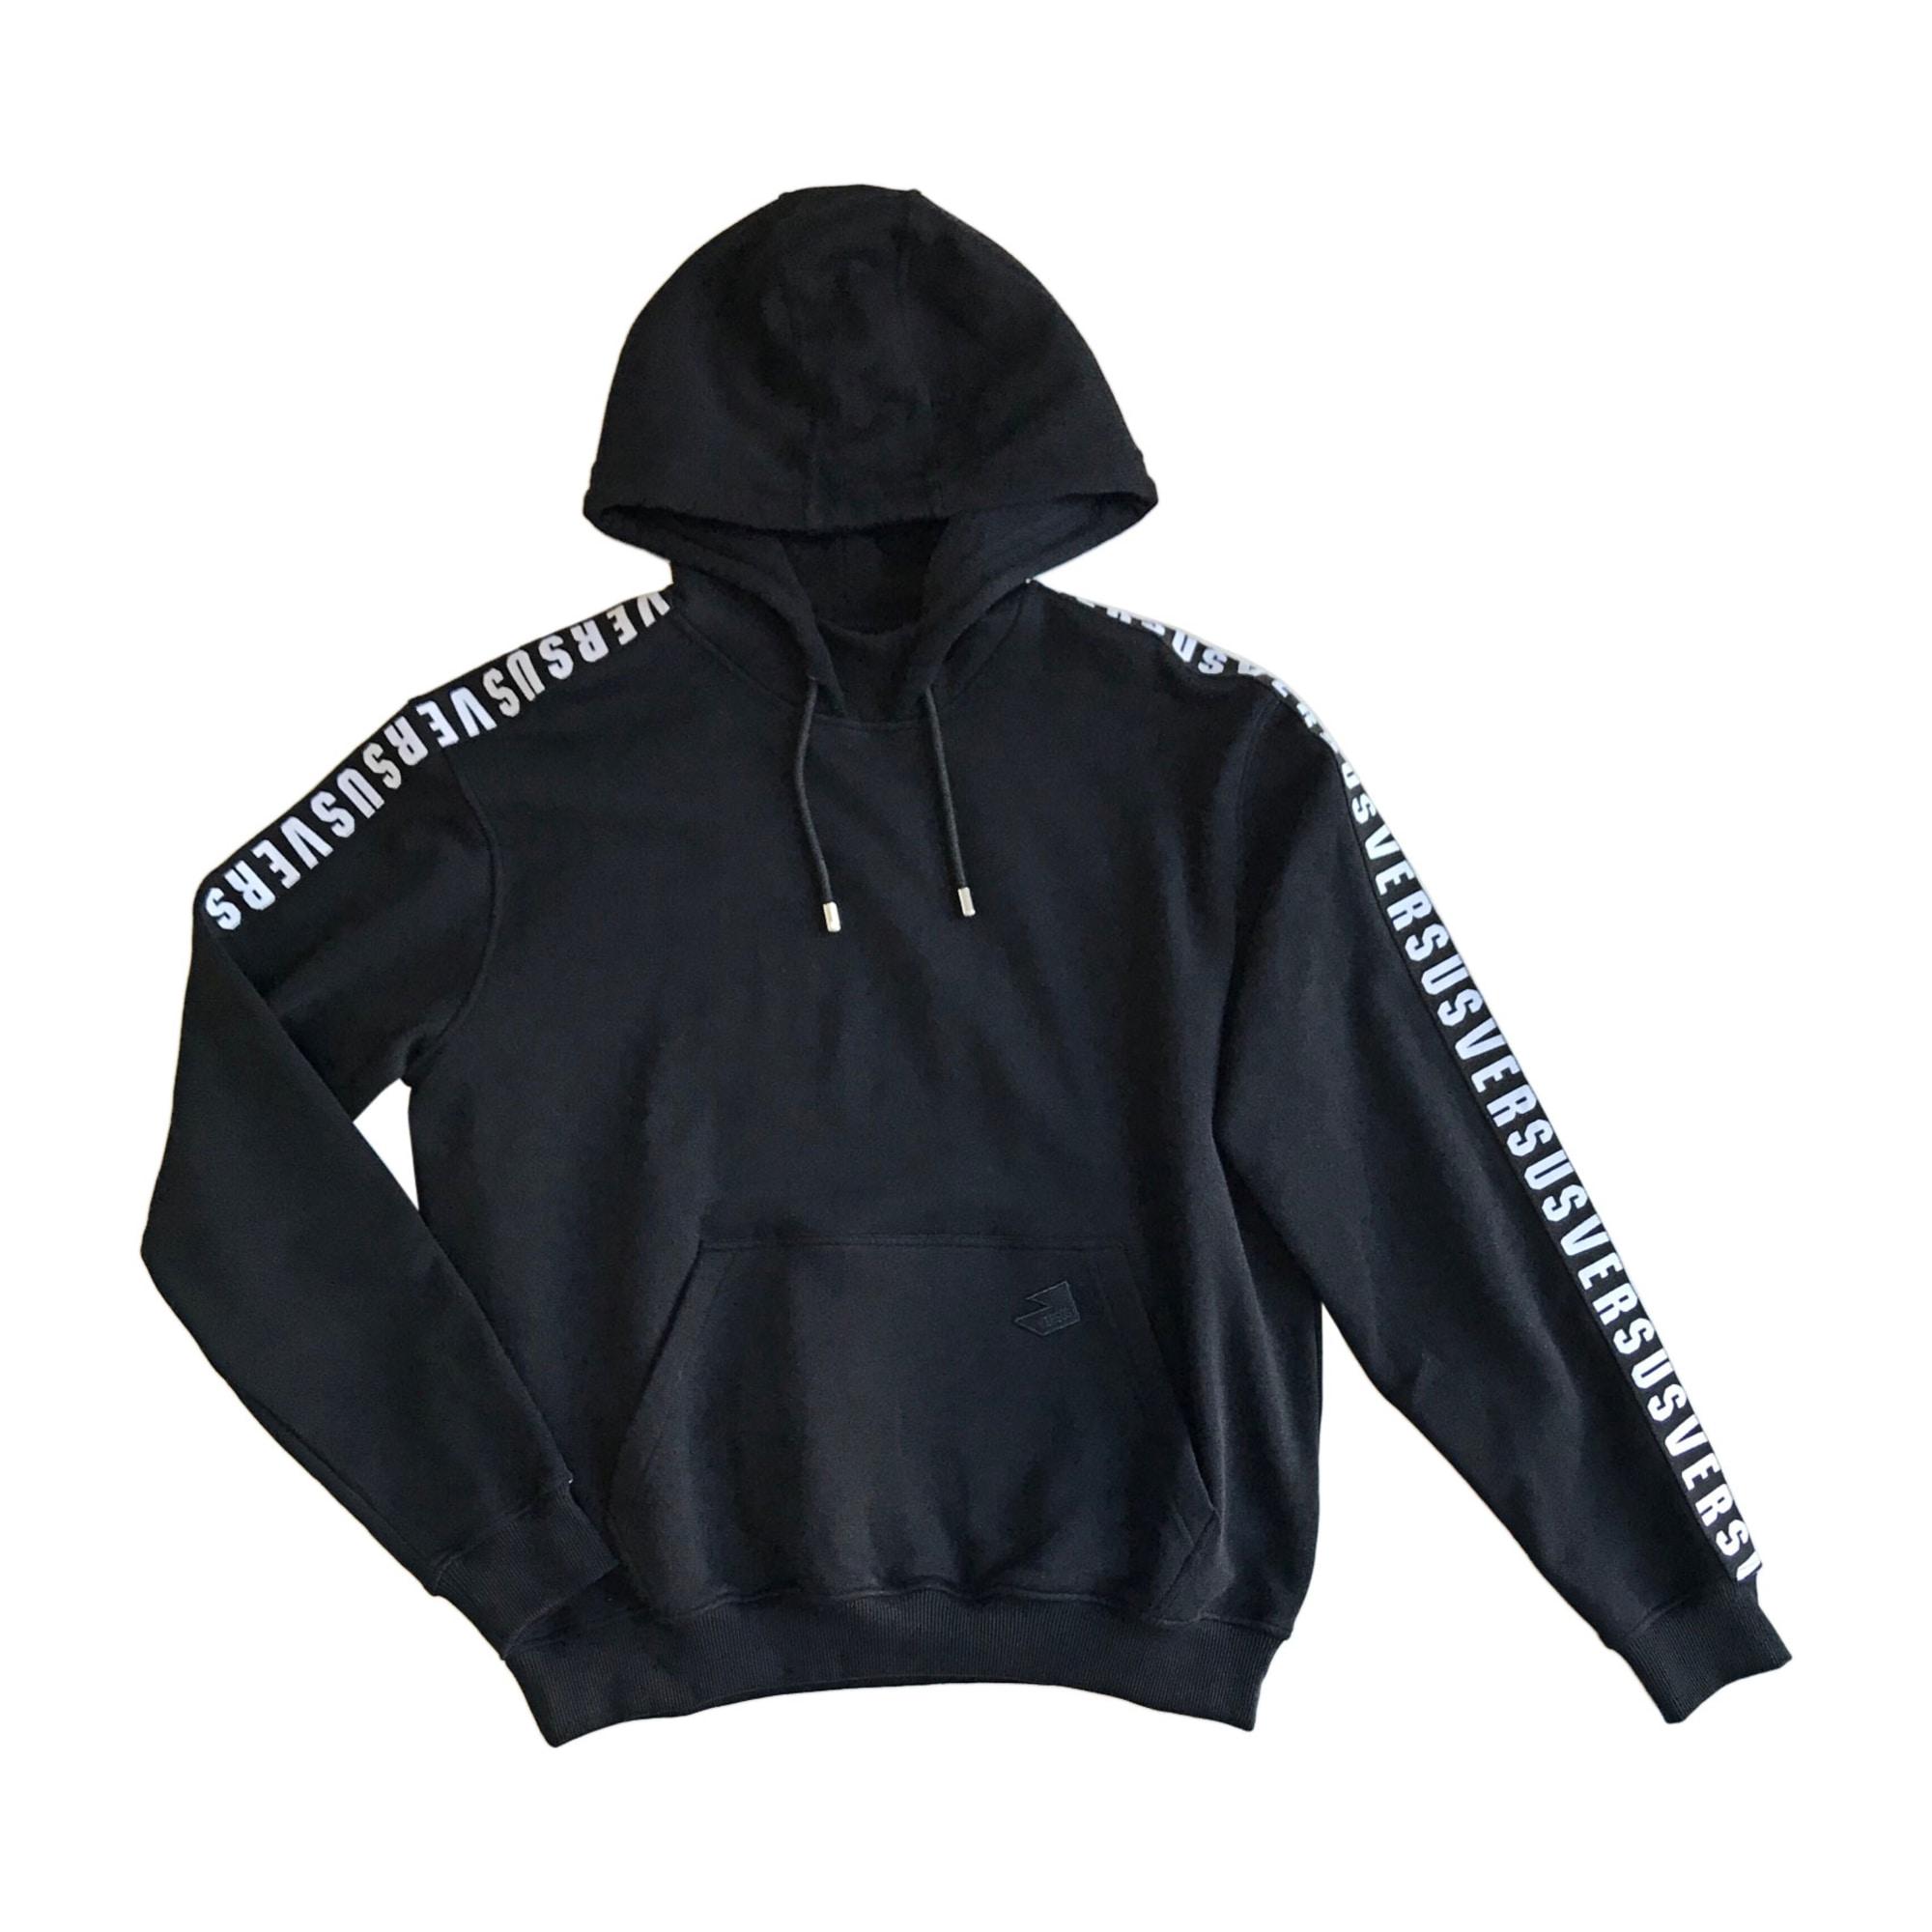 db1422613dd8 Sweat VERSUS VERSACE 1 (S) noir vendu par Jag2b - 7289665